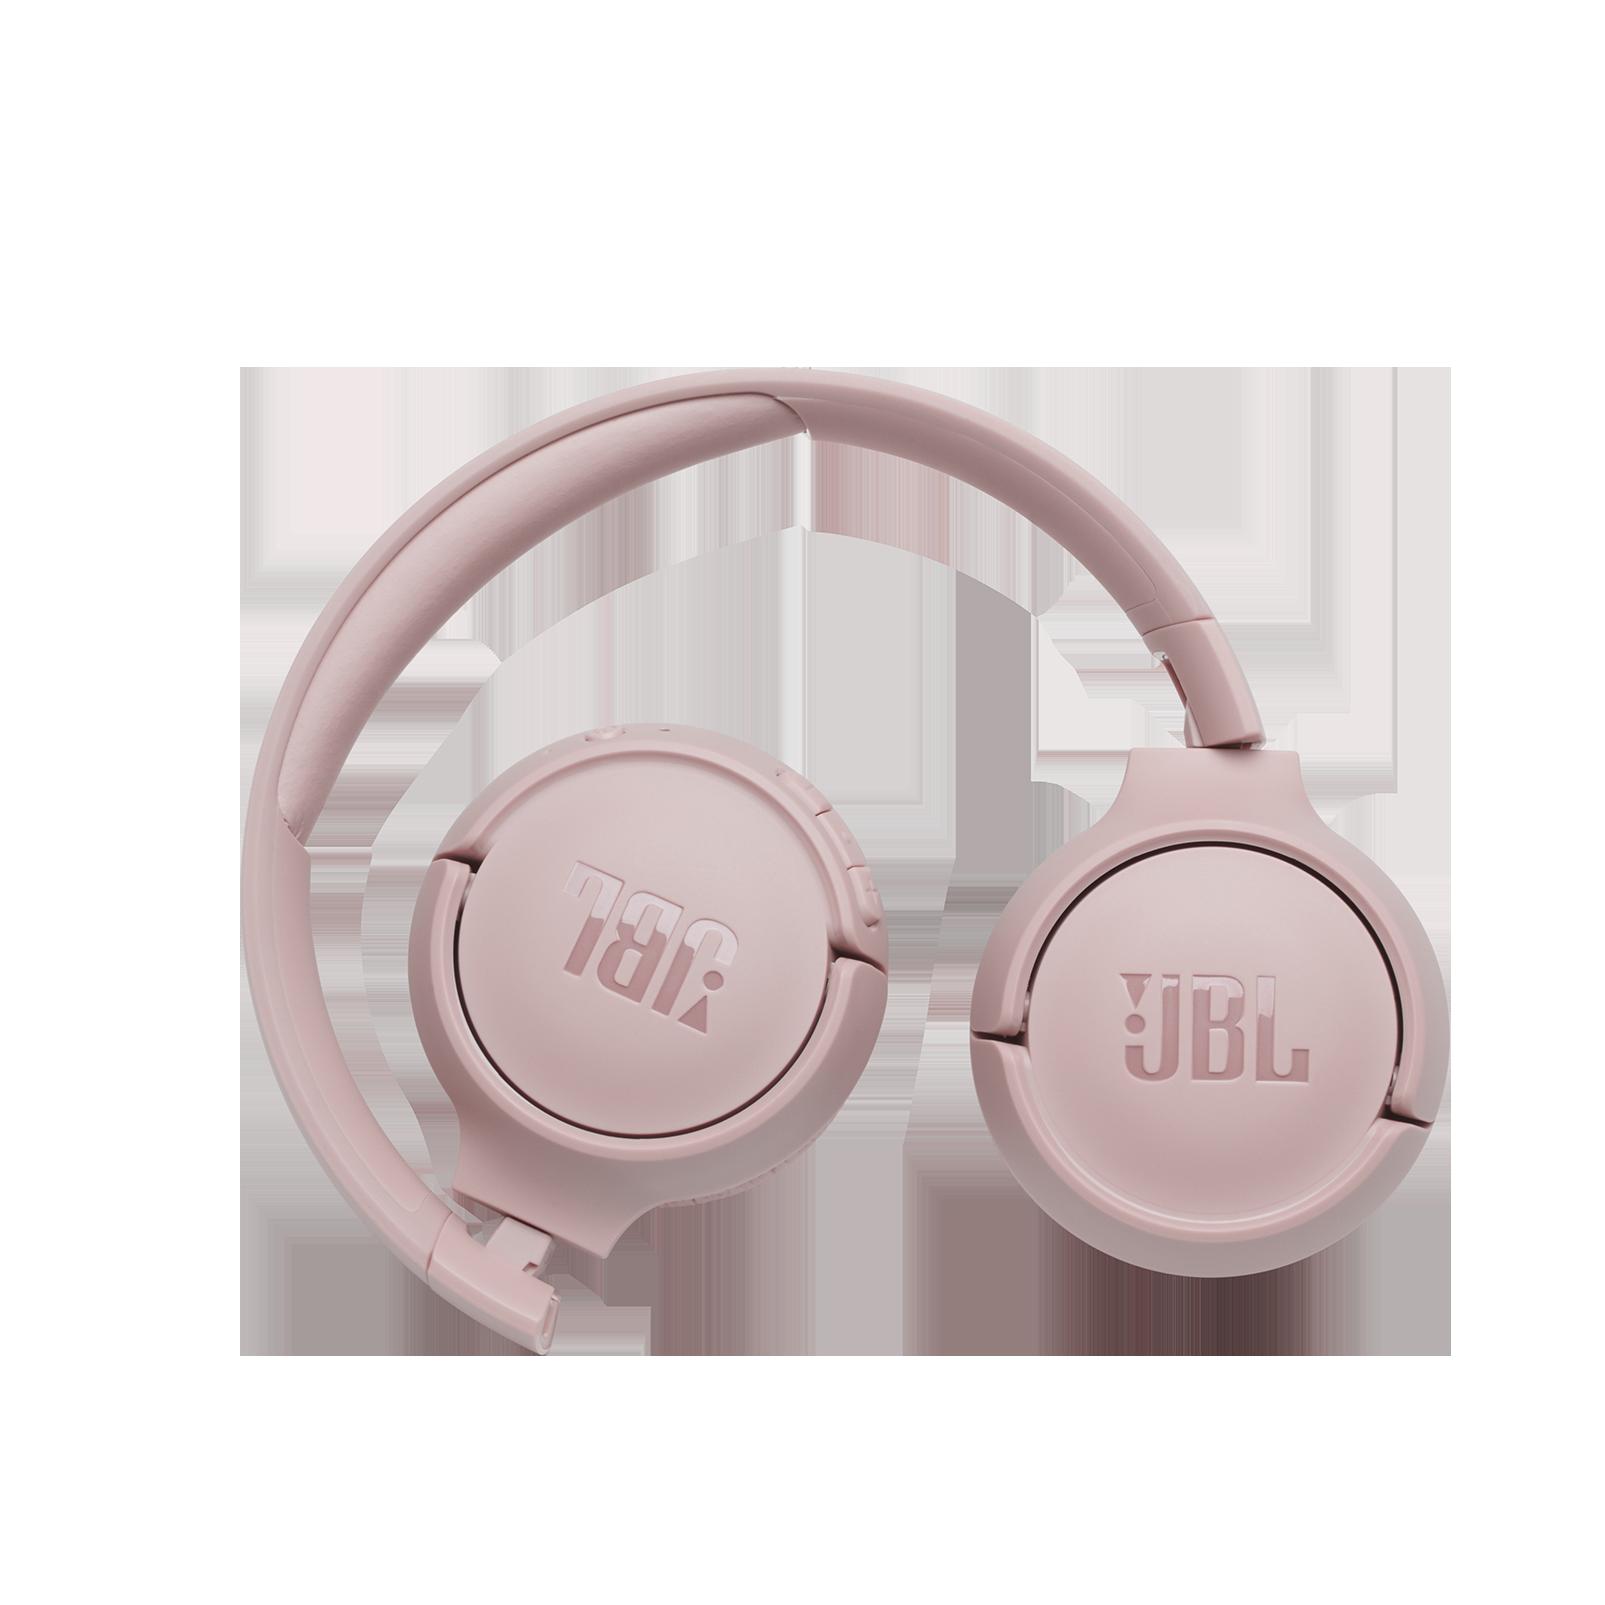 JBL TUNE 560BT - Blue - Wireless on-ear headphones - Front